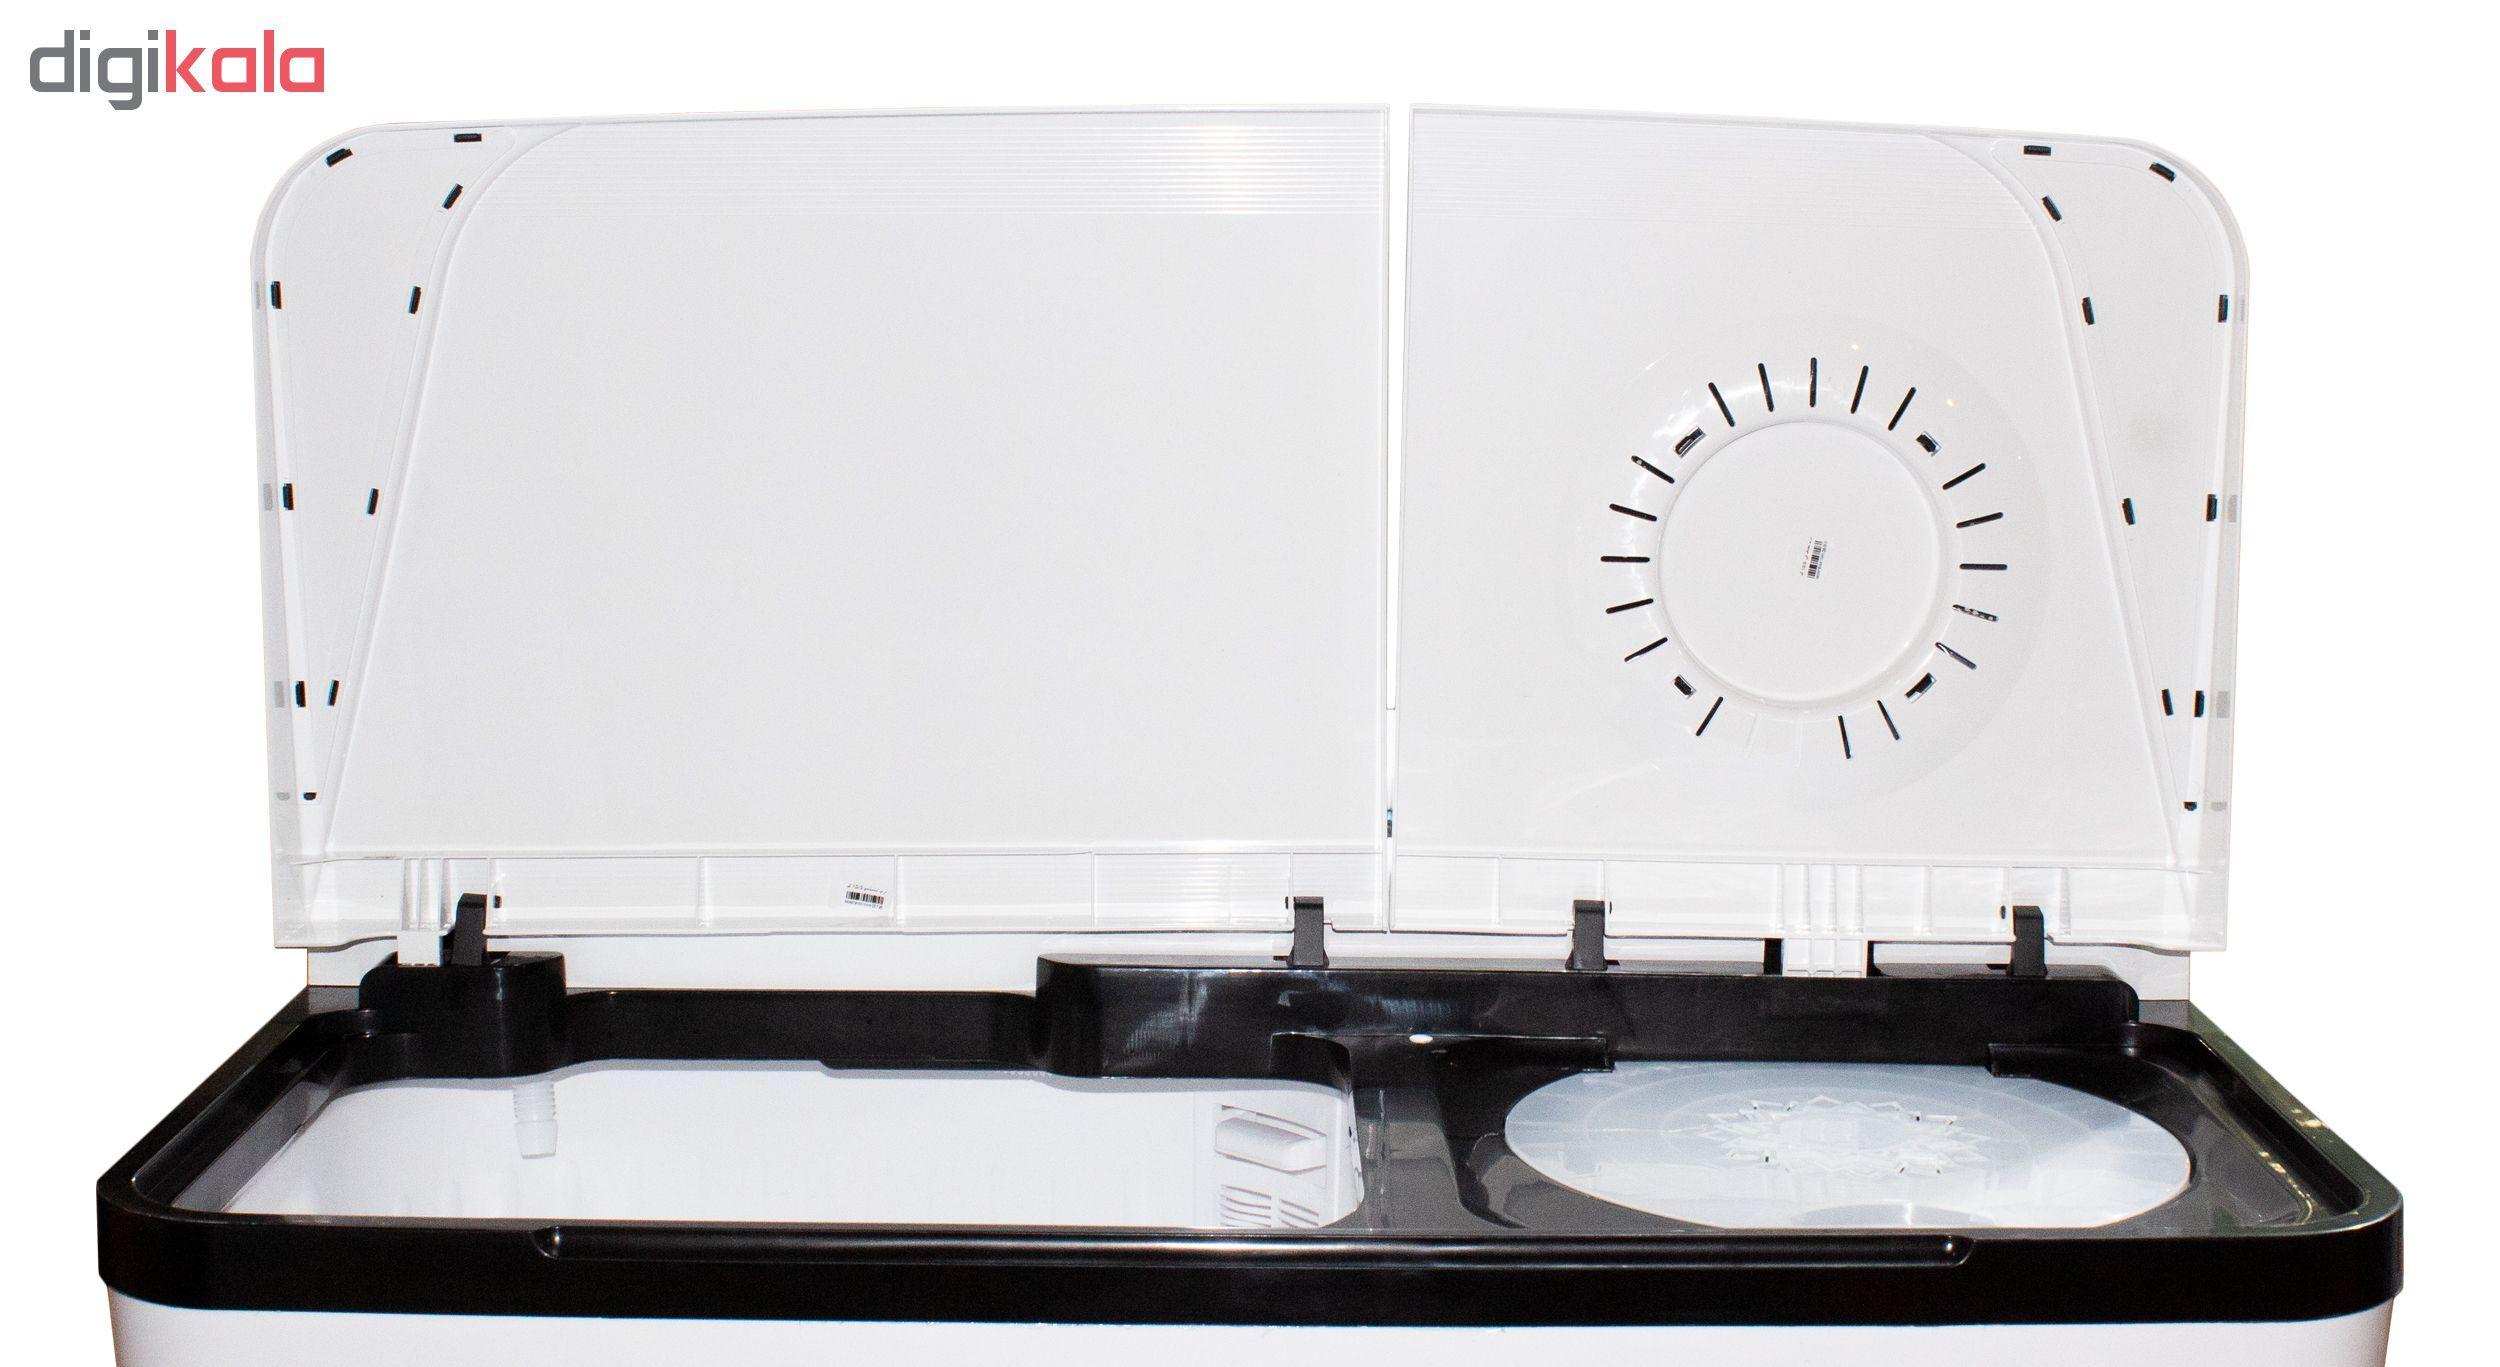 ماشین لباسشویی پاکشوما مدل PWT-1554AJ ظرفیت 15.5 کیلوگرم main 1 5